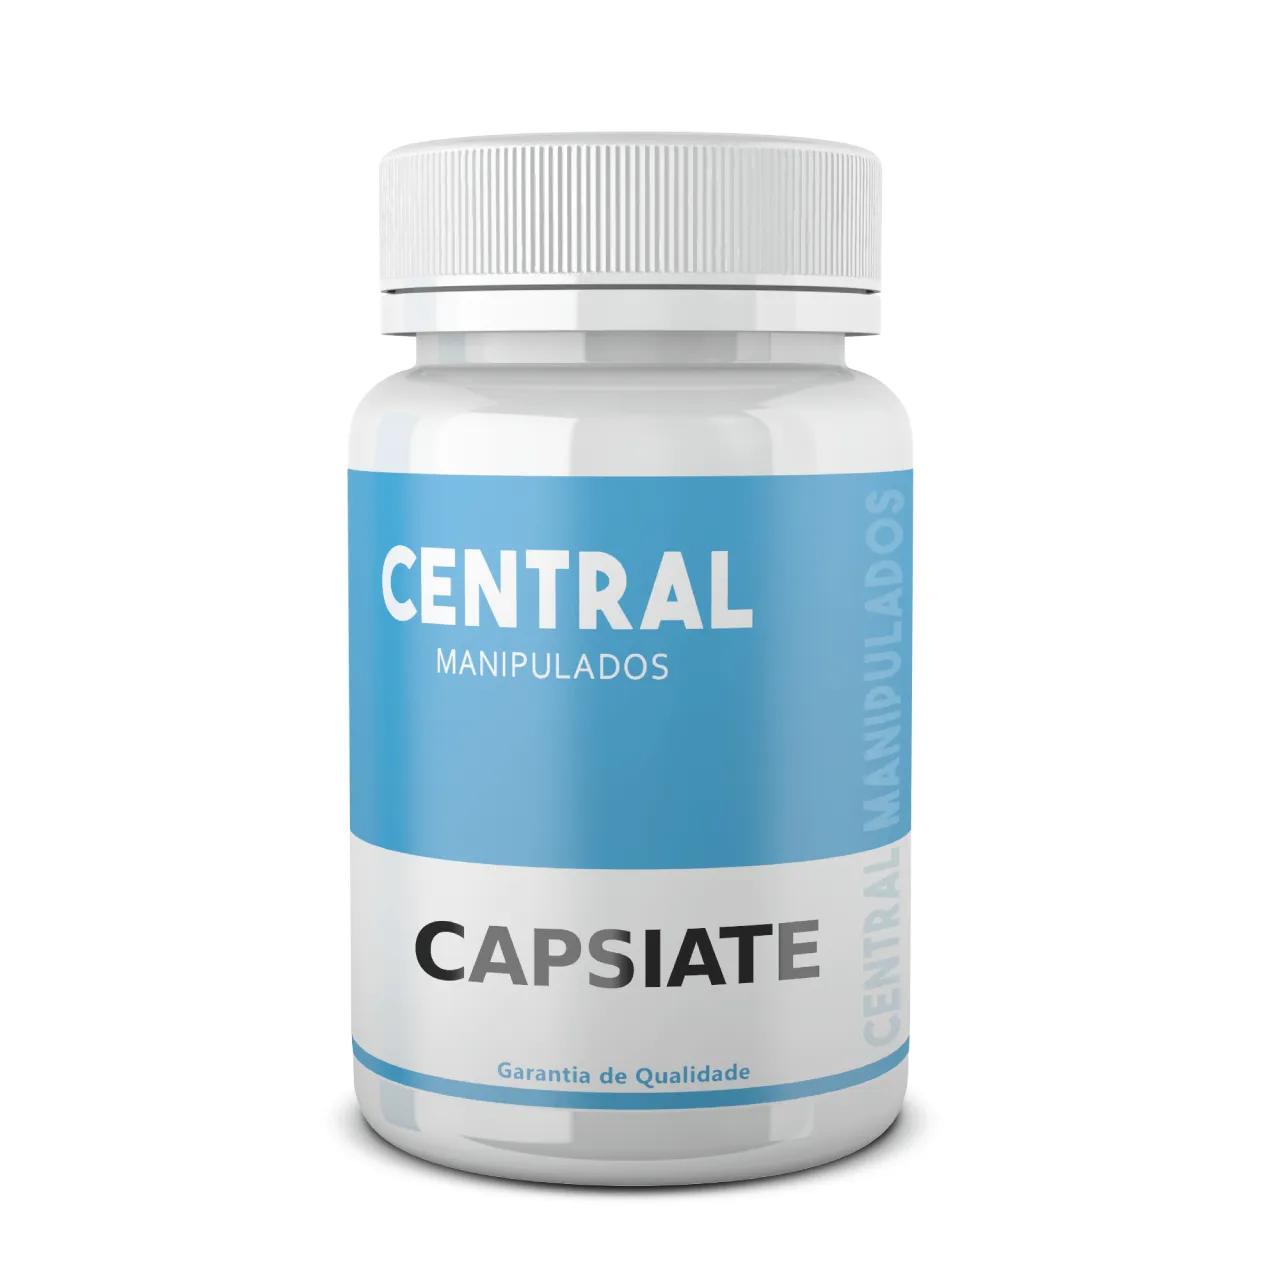 Capsiate 6mg - 120 Cápsulas - Auxílio na Redução de Medidas e Gerenciamento do Peso